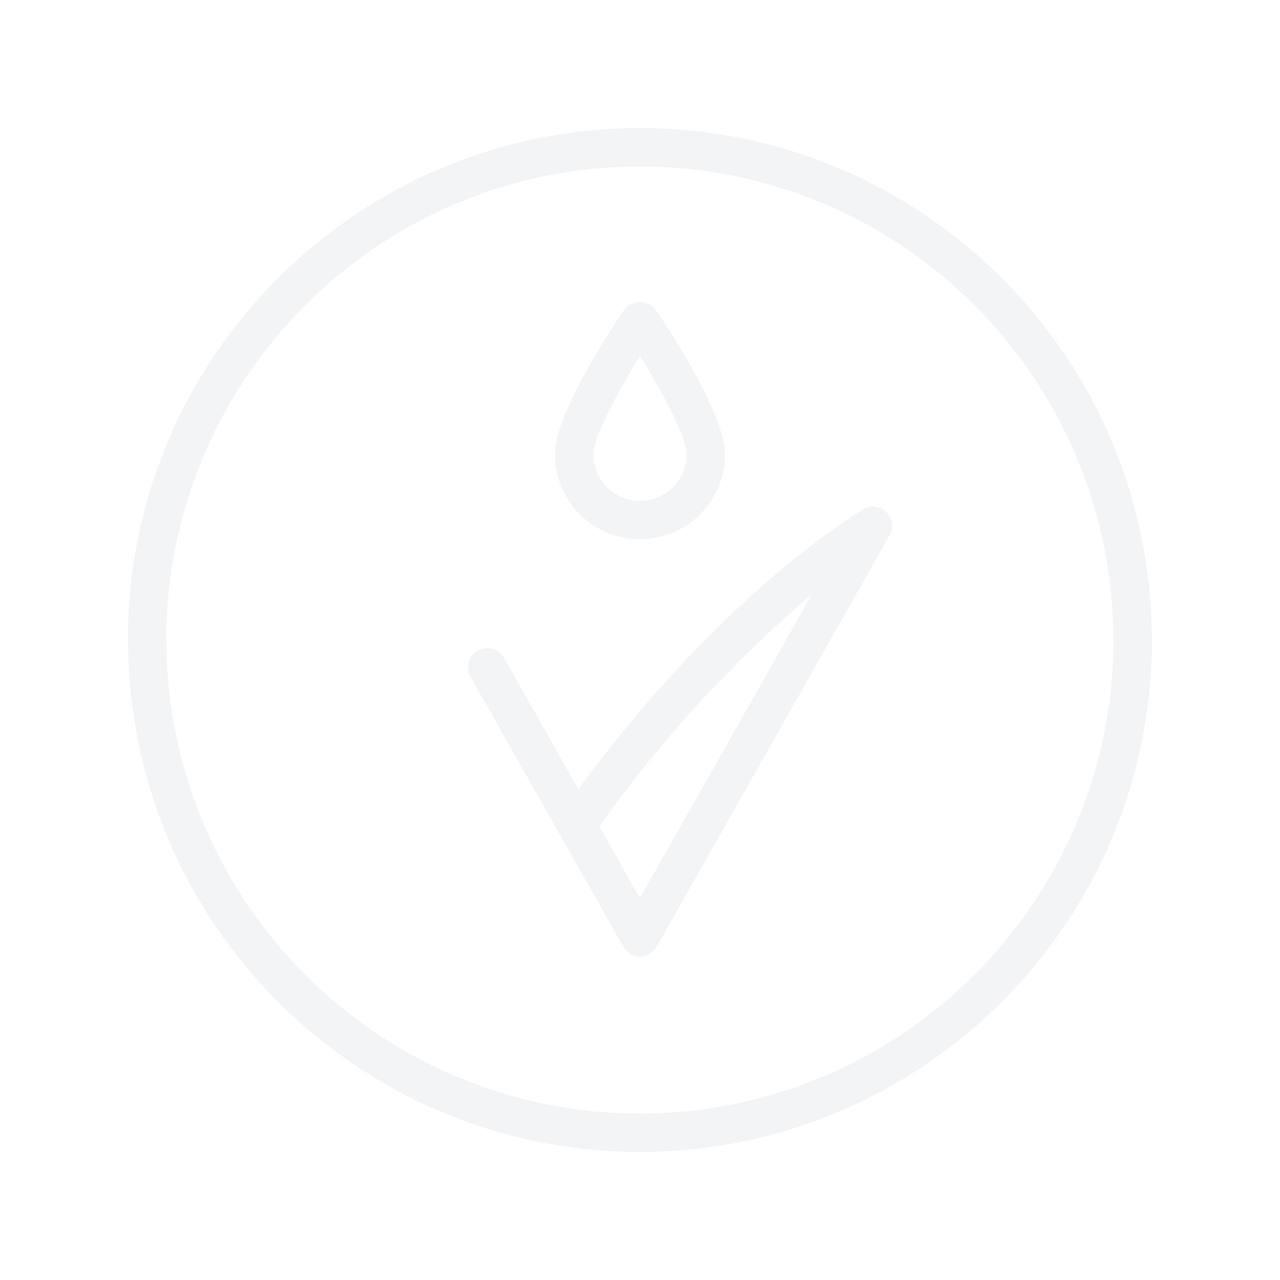 Dolce & Gabbana Anthology No. 3 L'Imperatrice Eau De Toilette